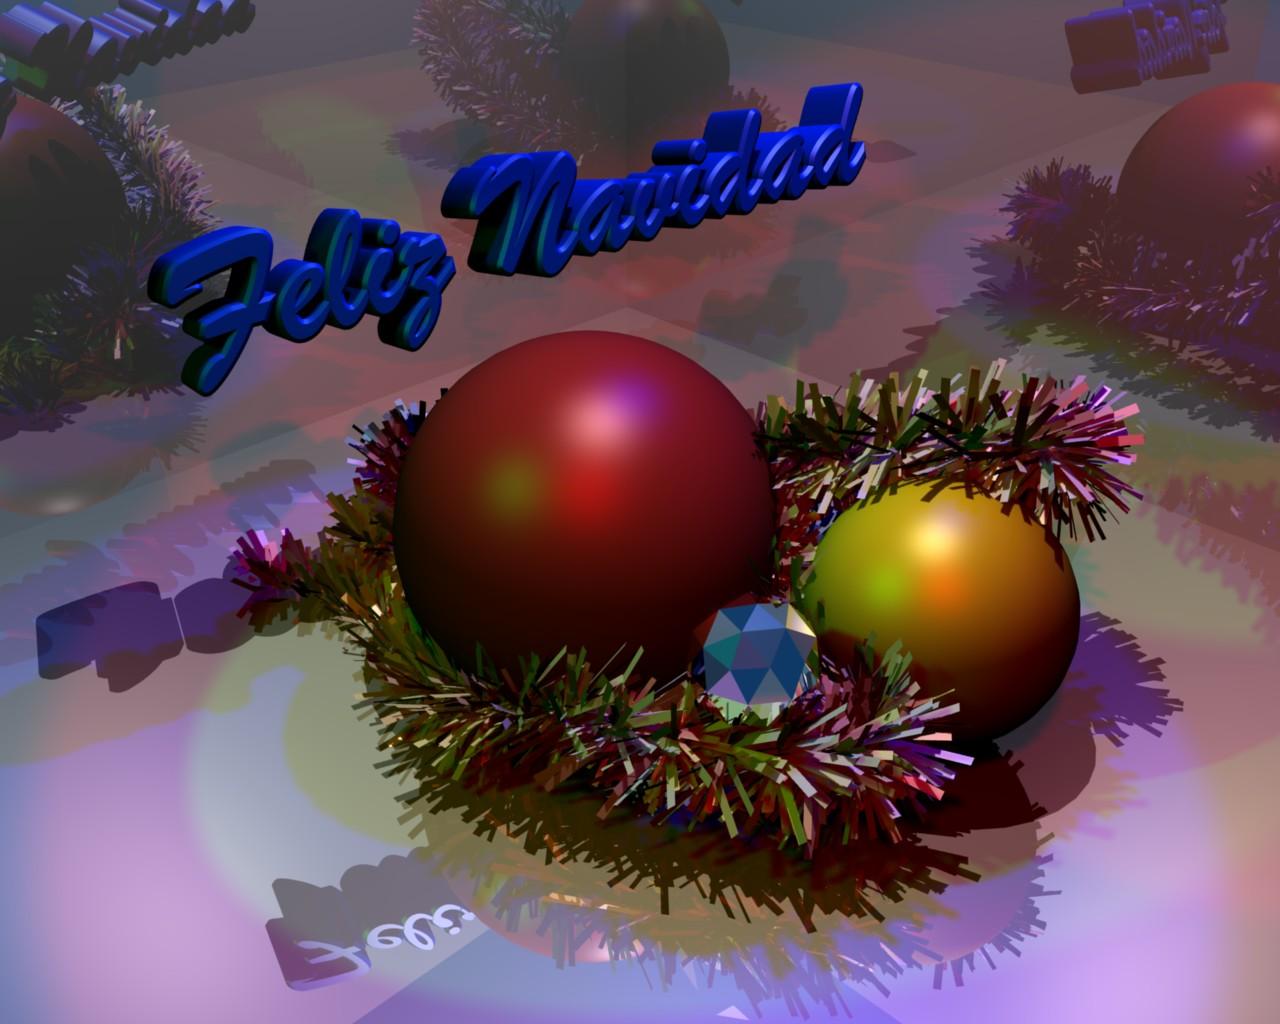 Antonio Arcos Espumillón de Navidad, bolas navideñas y piedra preciosa (diamante) con fondo de espejos